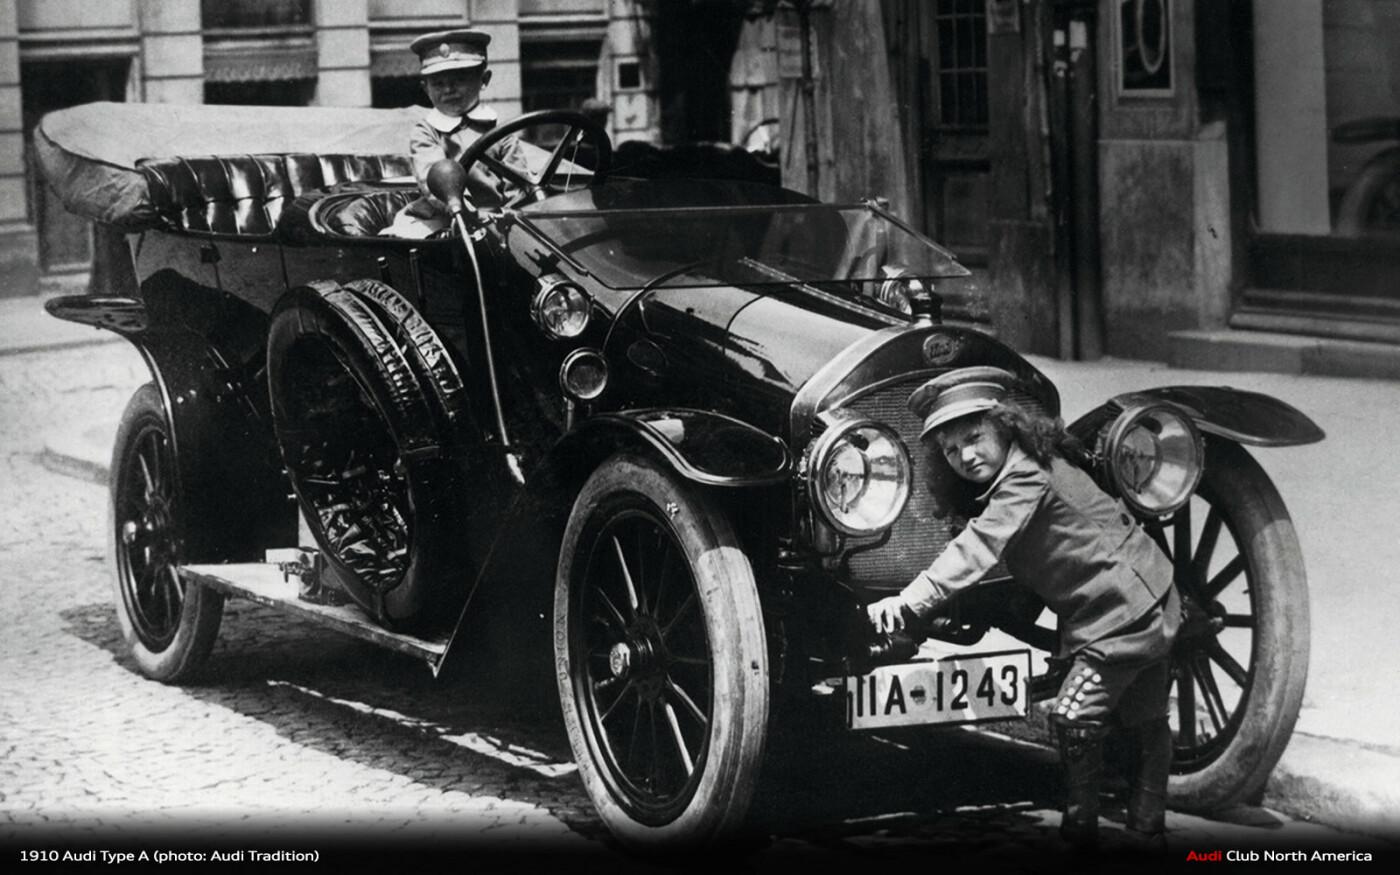 Первые автомобили в Киеве: когда появились и как реагировали киевляне, - ФОТО, Фото: Audi Club North America